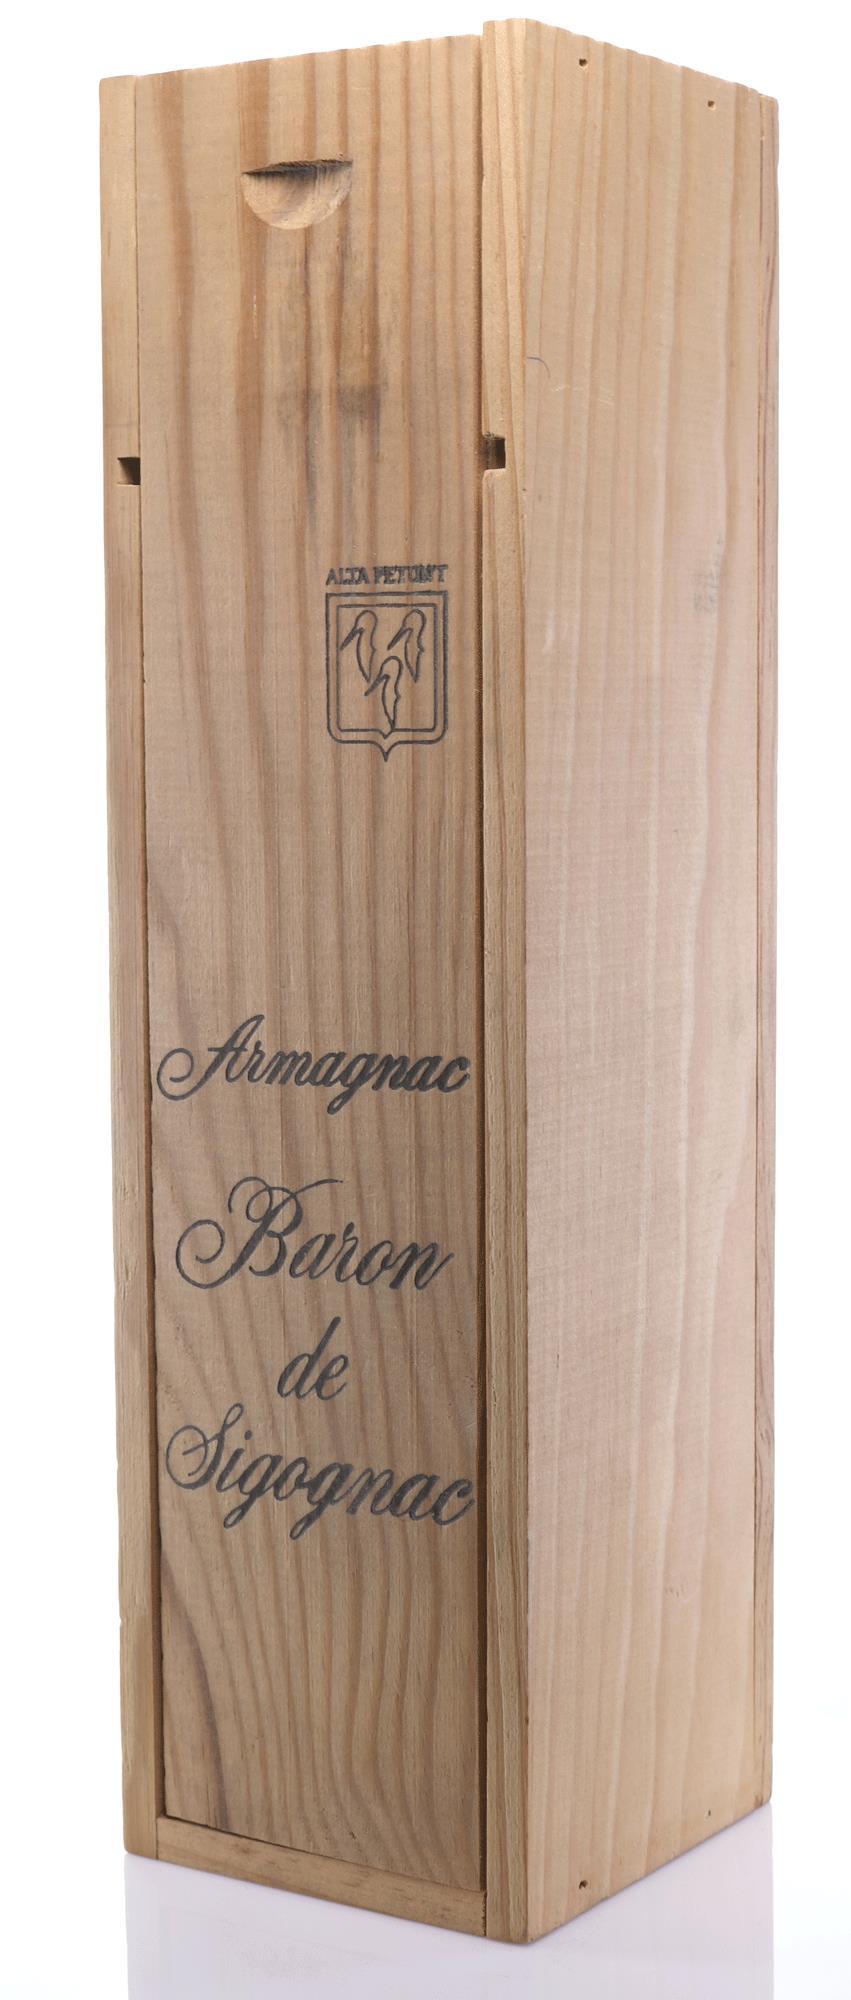 Armagnac 1957 Baron de Sigognac